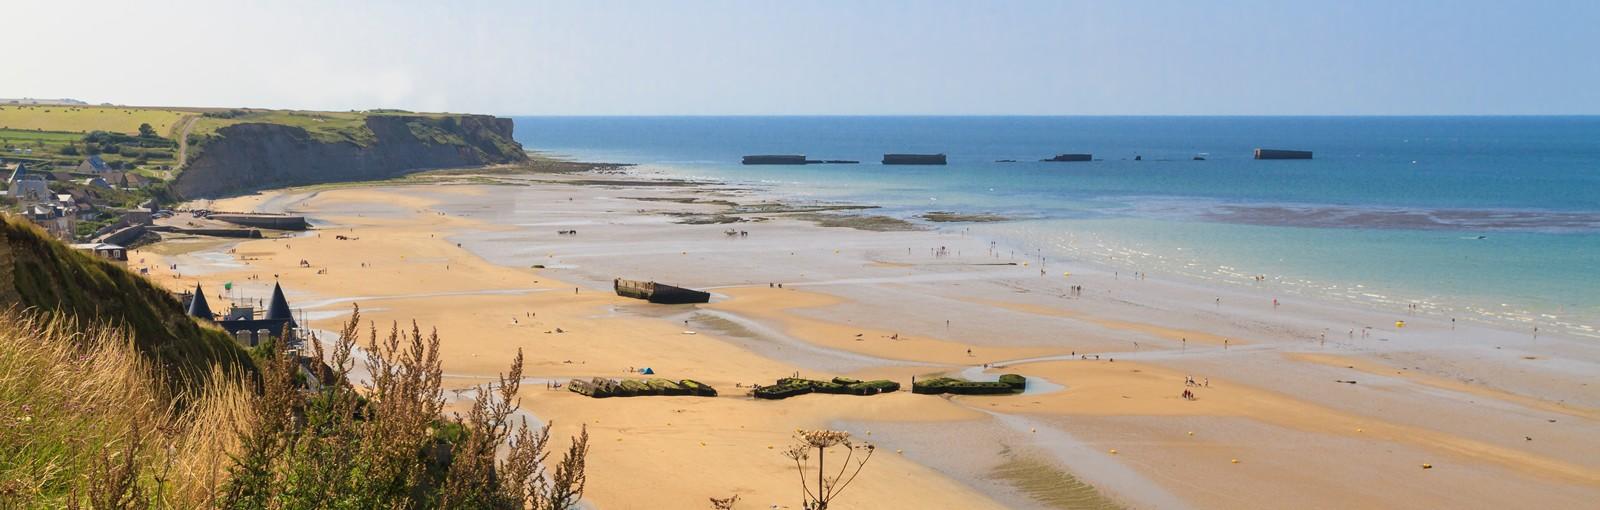 Tours Escapadedans la Manche et le Bessin - Normandie & Bretagne - Nos Escapades Partagées - En Couples ou en Individuels